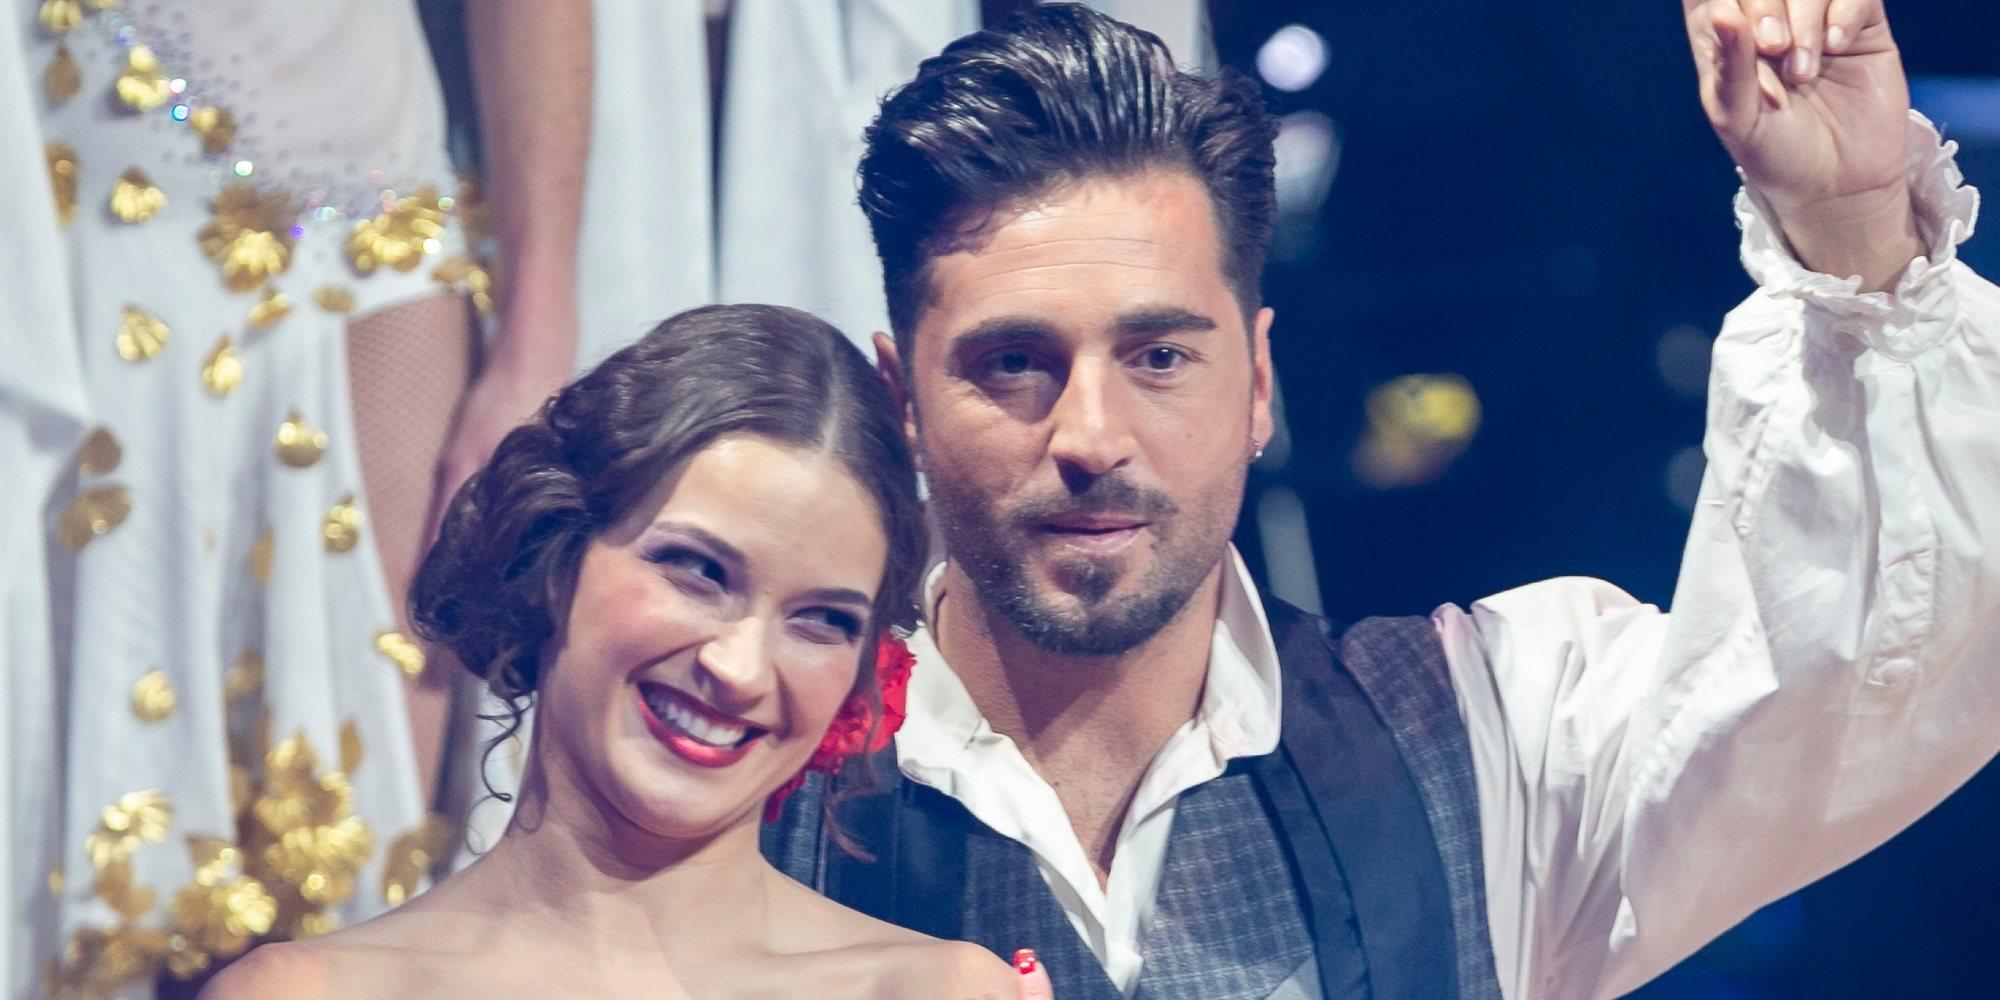 David Bustamante 'pide' que den la nacionalidad española a Yana Olina tras bailar un pasodoble